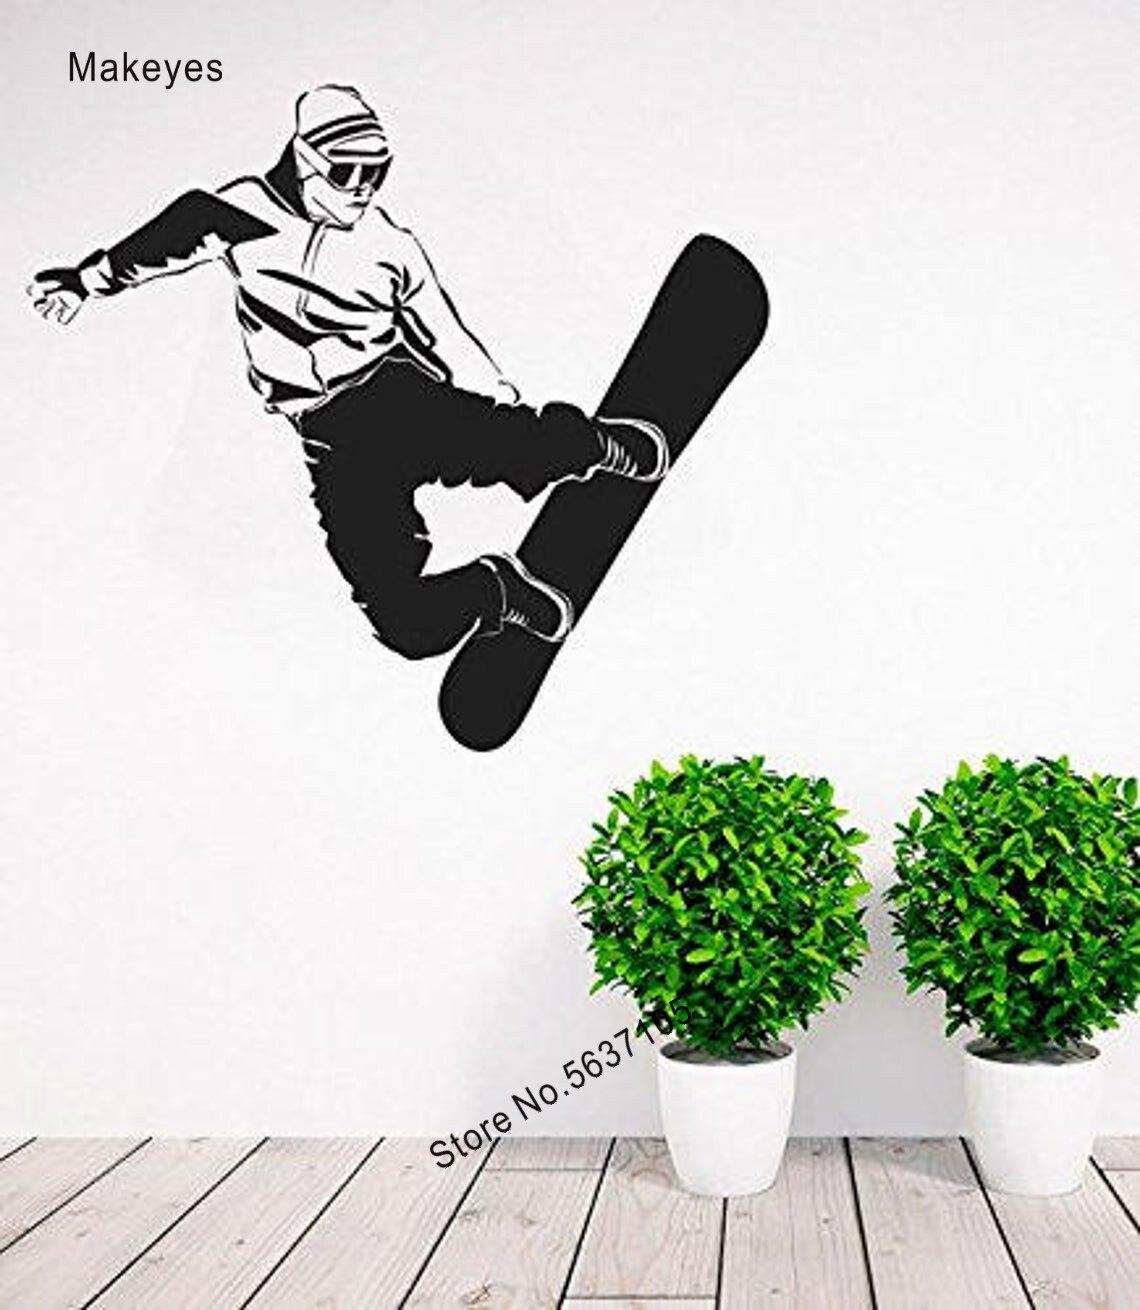 Makeyes-pegatinas de pared de snowboring para invierno, calcomanía de pared de deportes, decoración fresca de vinilo, murales de pared, papel tapiz para salón Q685